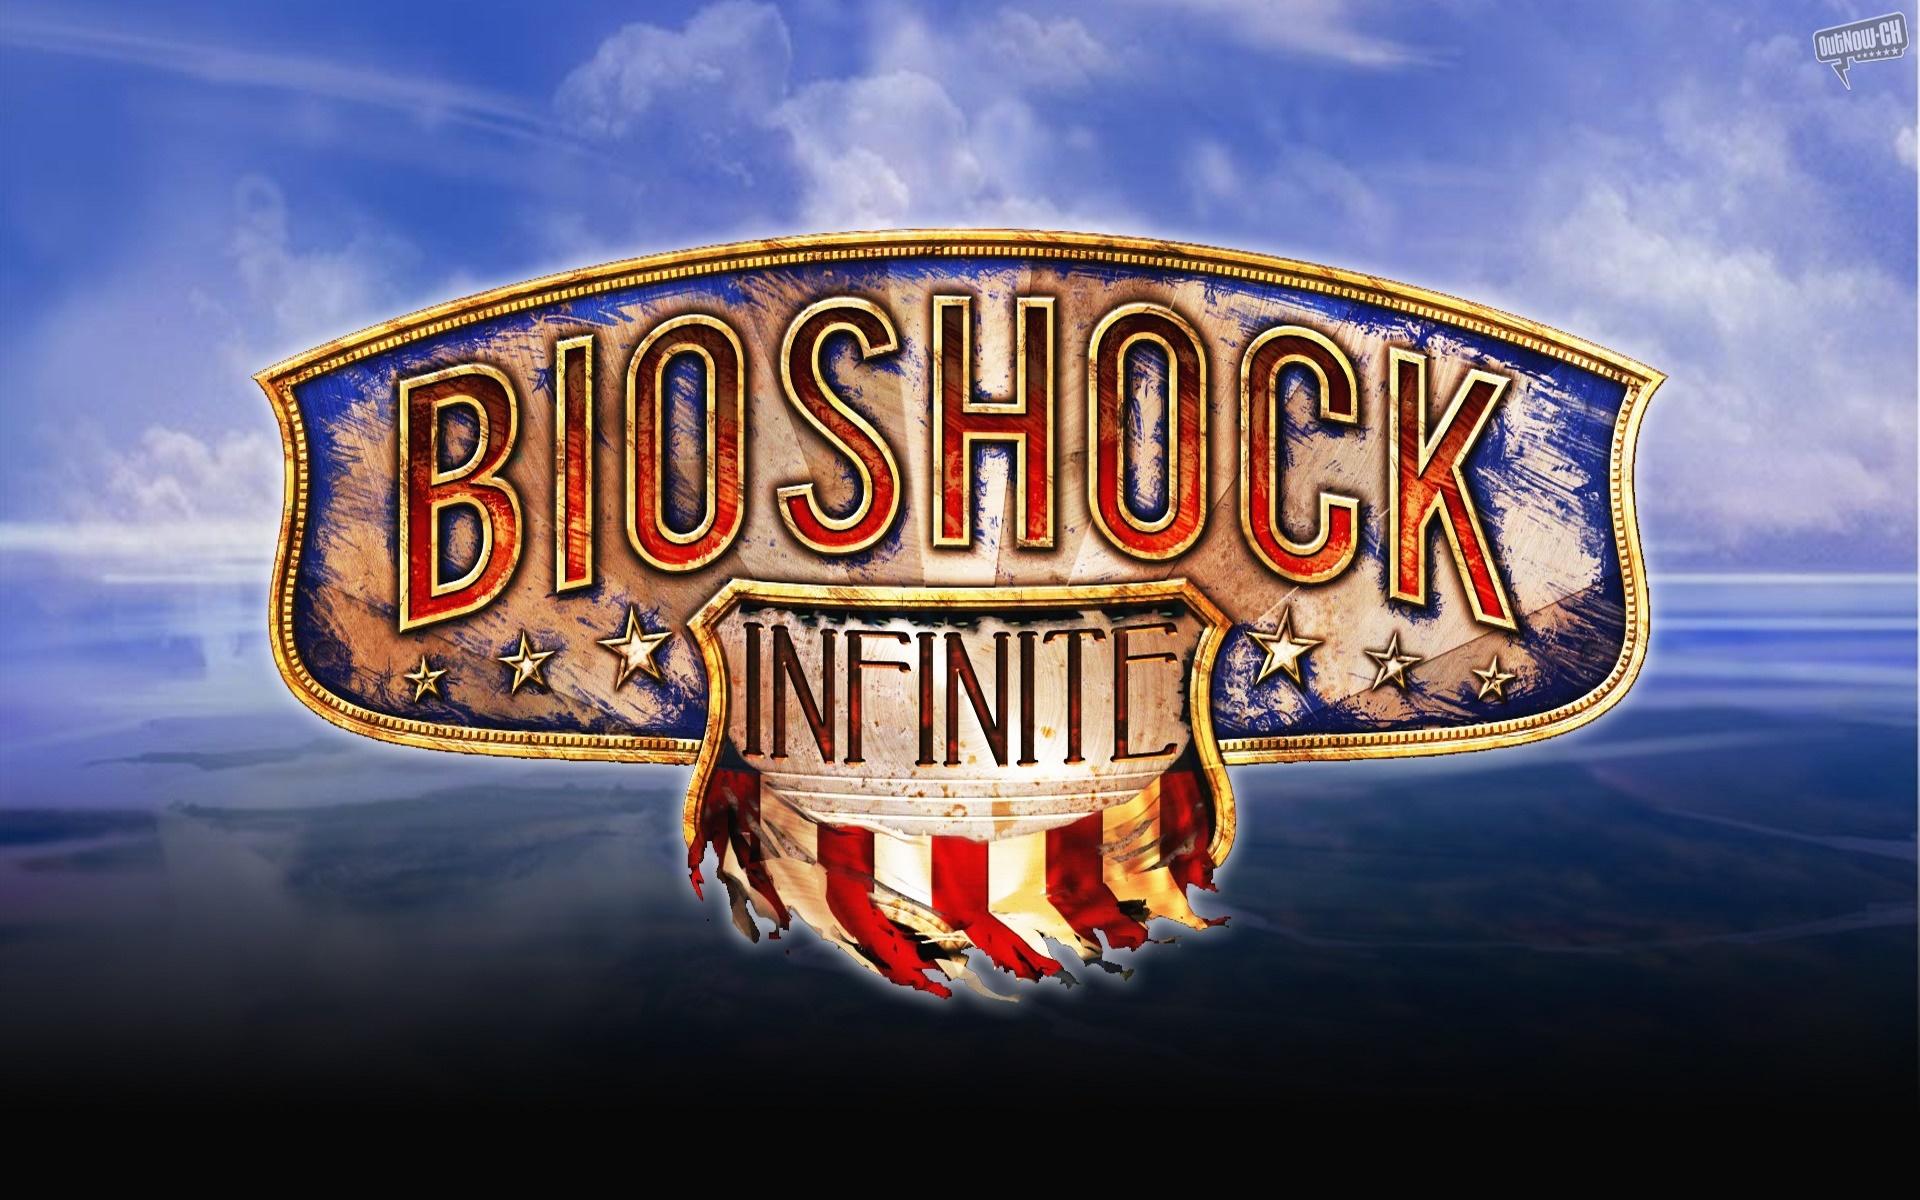 bioshock-infinite-banner